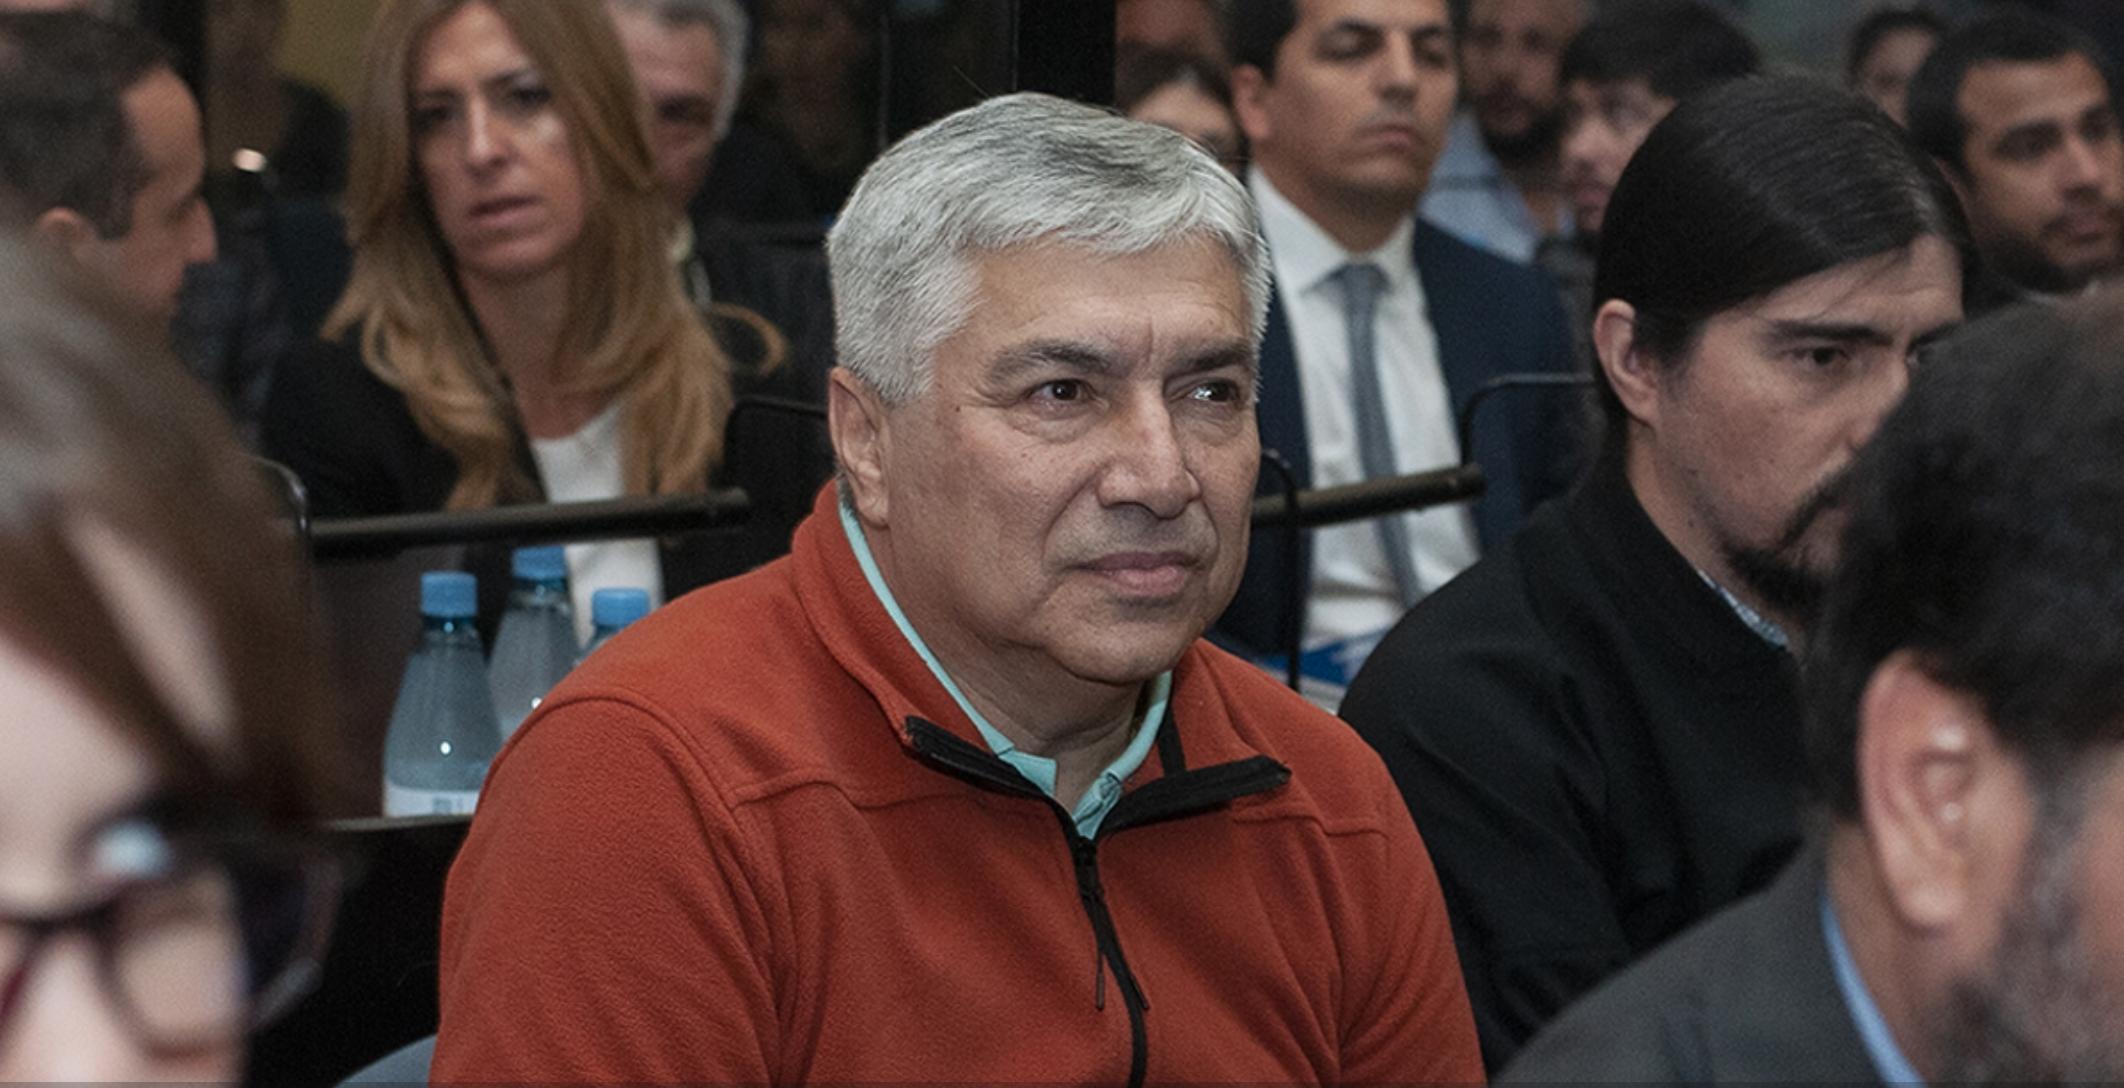 Lázaro Báez durante el juicio oral este martes. (Crédito: Centro de Información Judicial de Argentina).